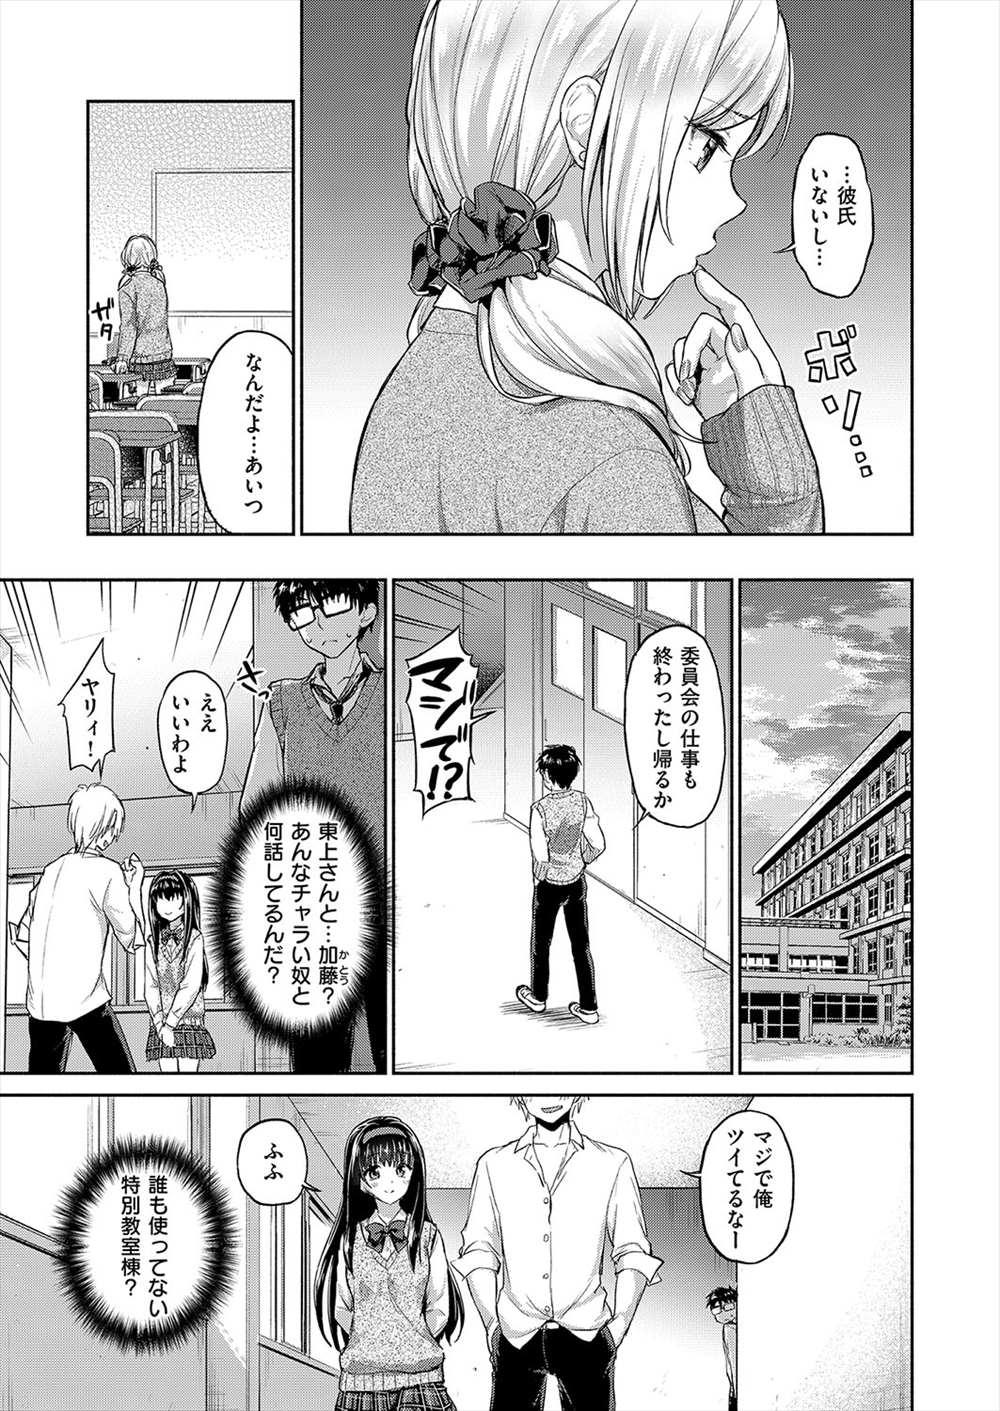 【エロ漫画】好きなJKのえっち目撃…眼中になかったギャルJKとフェラチオ生中出しイチャラブセックスww【ぷにた:私だけ見て】